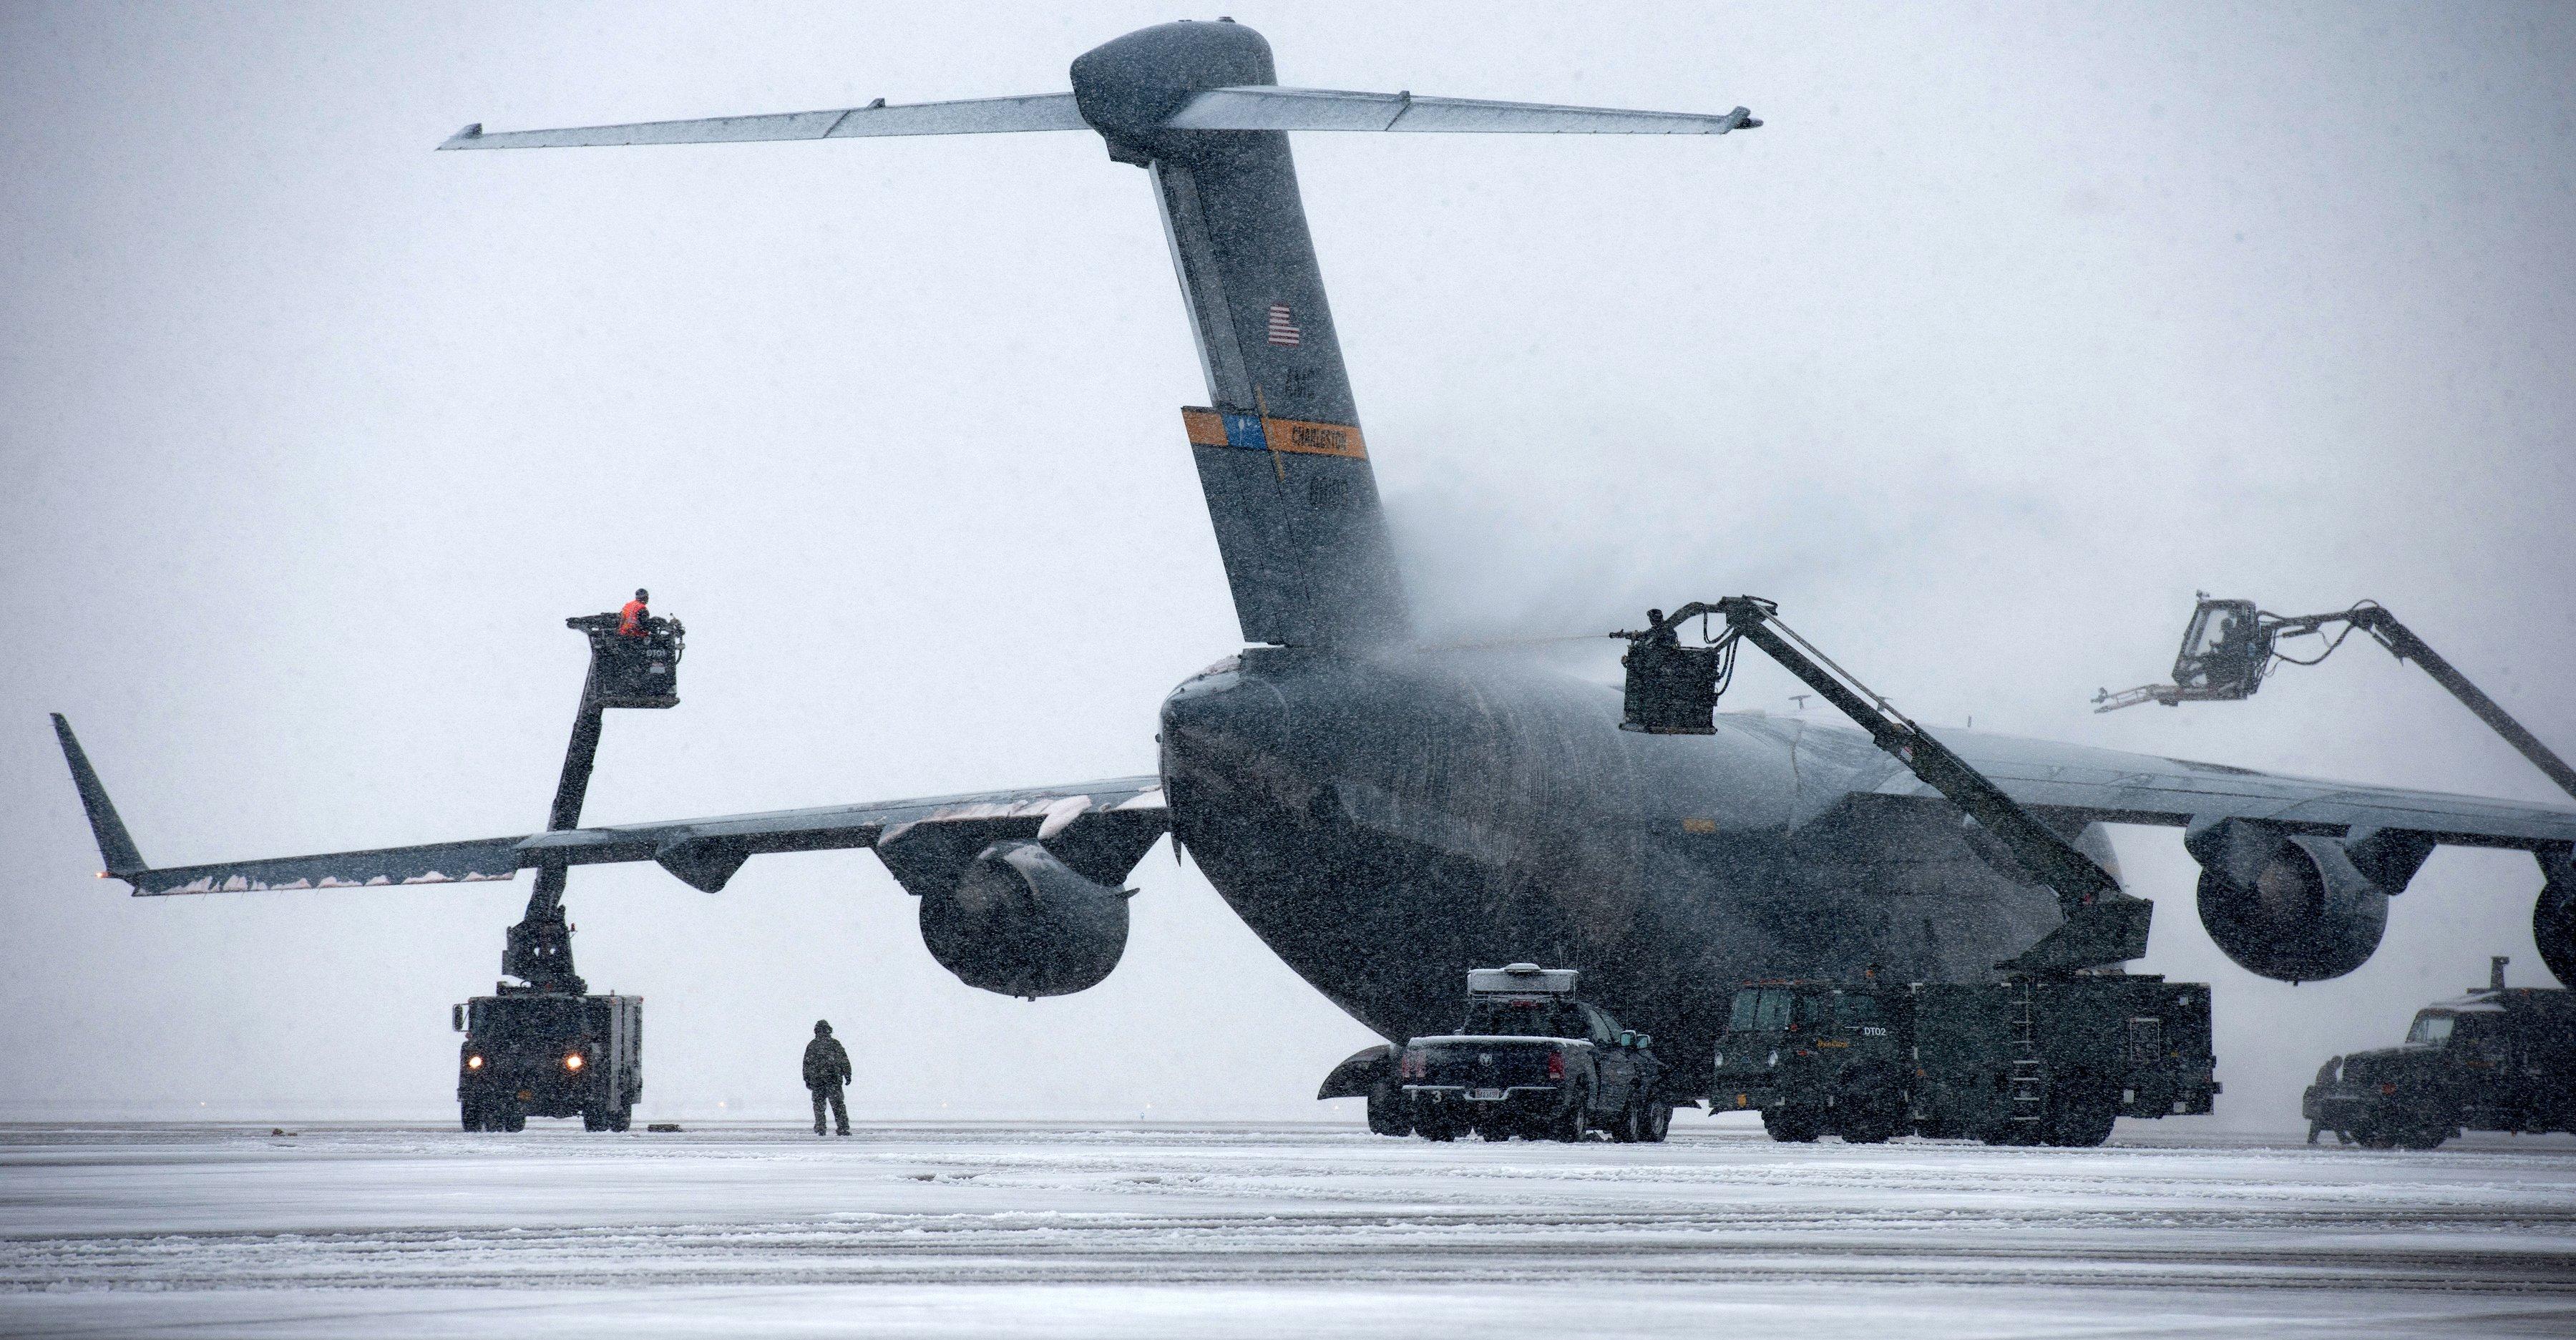 Enteisen einer Boeing C-17 Globemaster III: Die US-Luftwaffe muss bei jedem Wetter fliegen und hat auch während des aktuellen Schneechaos in den USA den Flugbetrieb aufrecht erhalten. Jetzt haben Schweizer Forscher eine Oberflächentechnik entwickelt, die das Vereisen in Zukunft verhindern könnte.